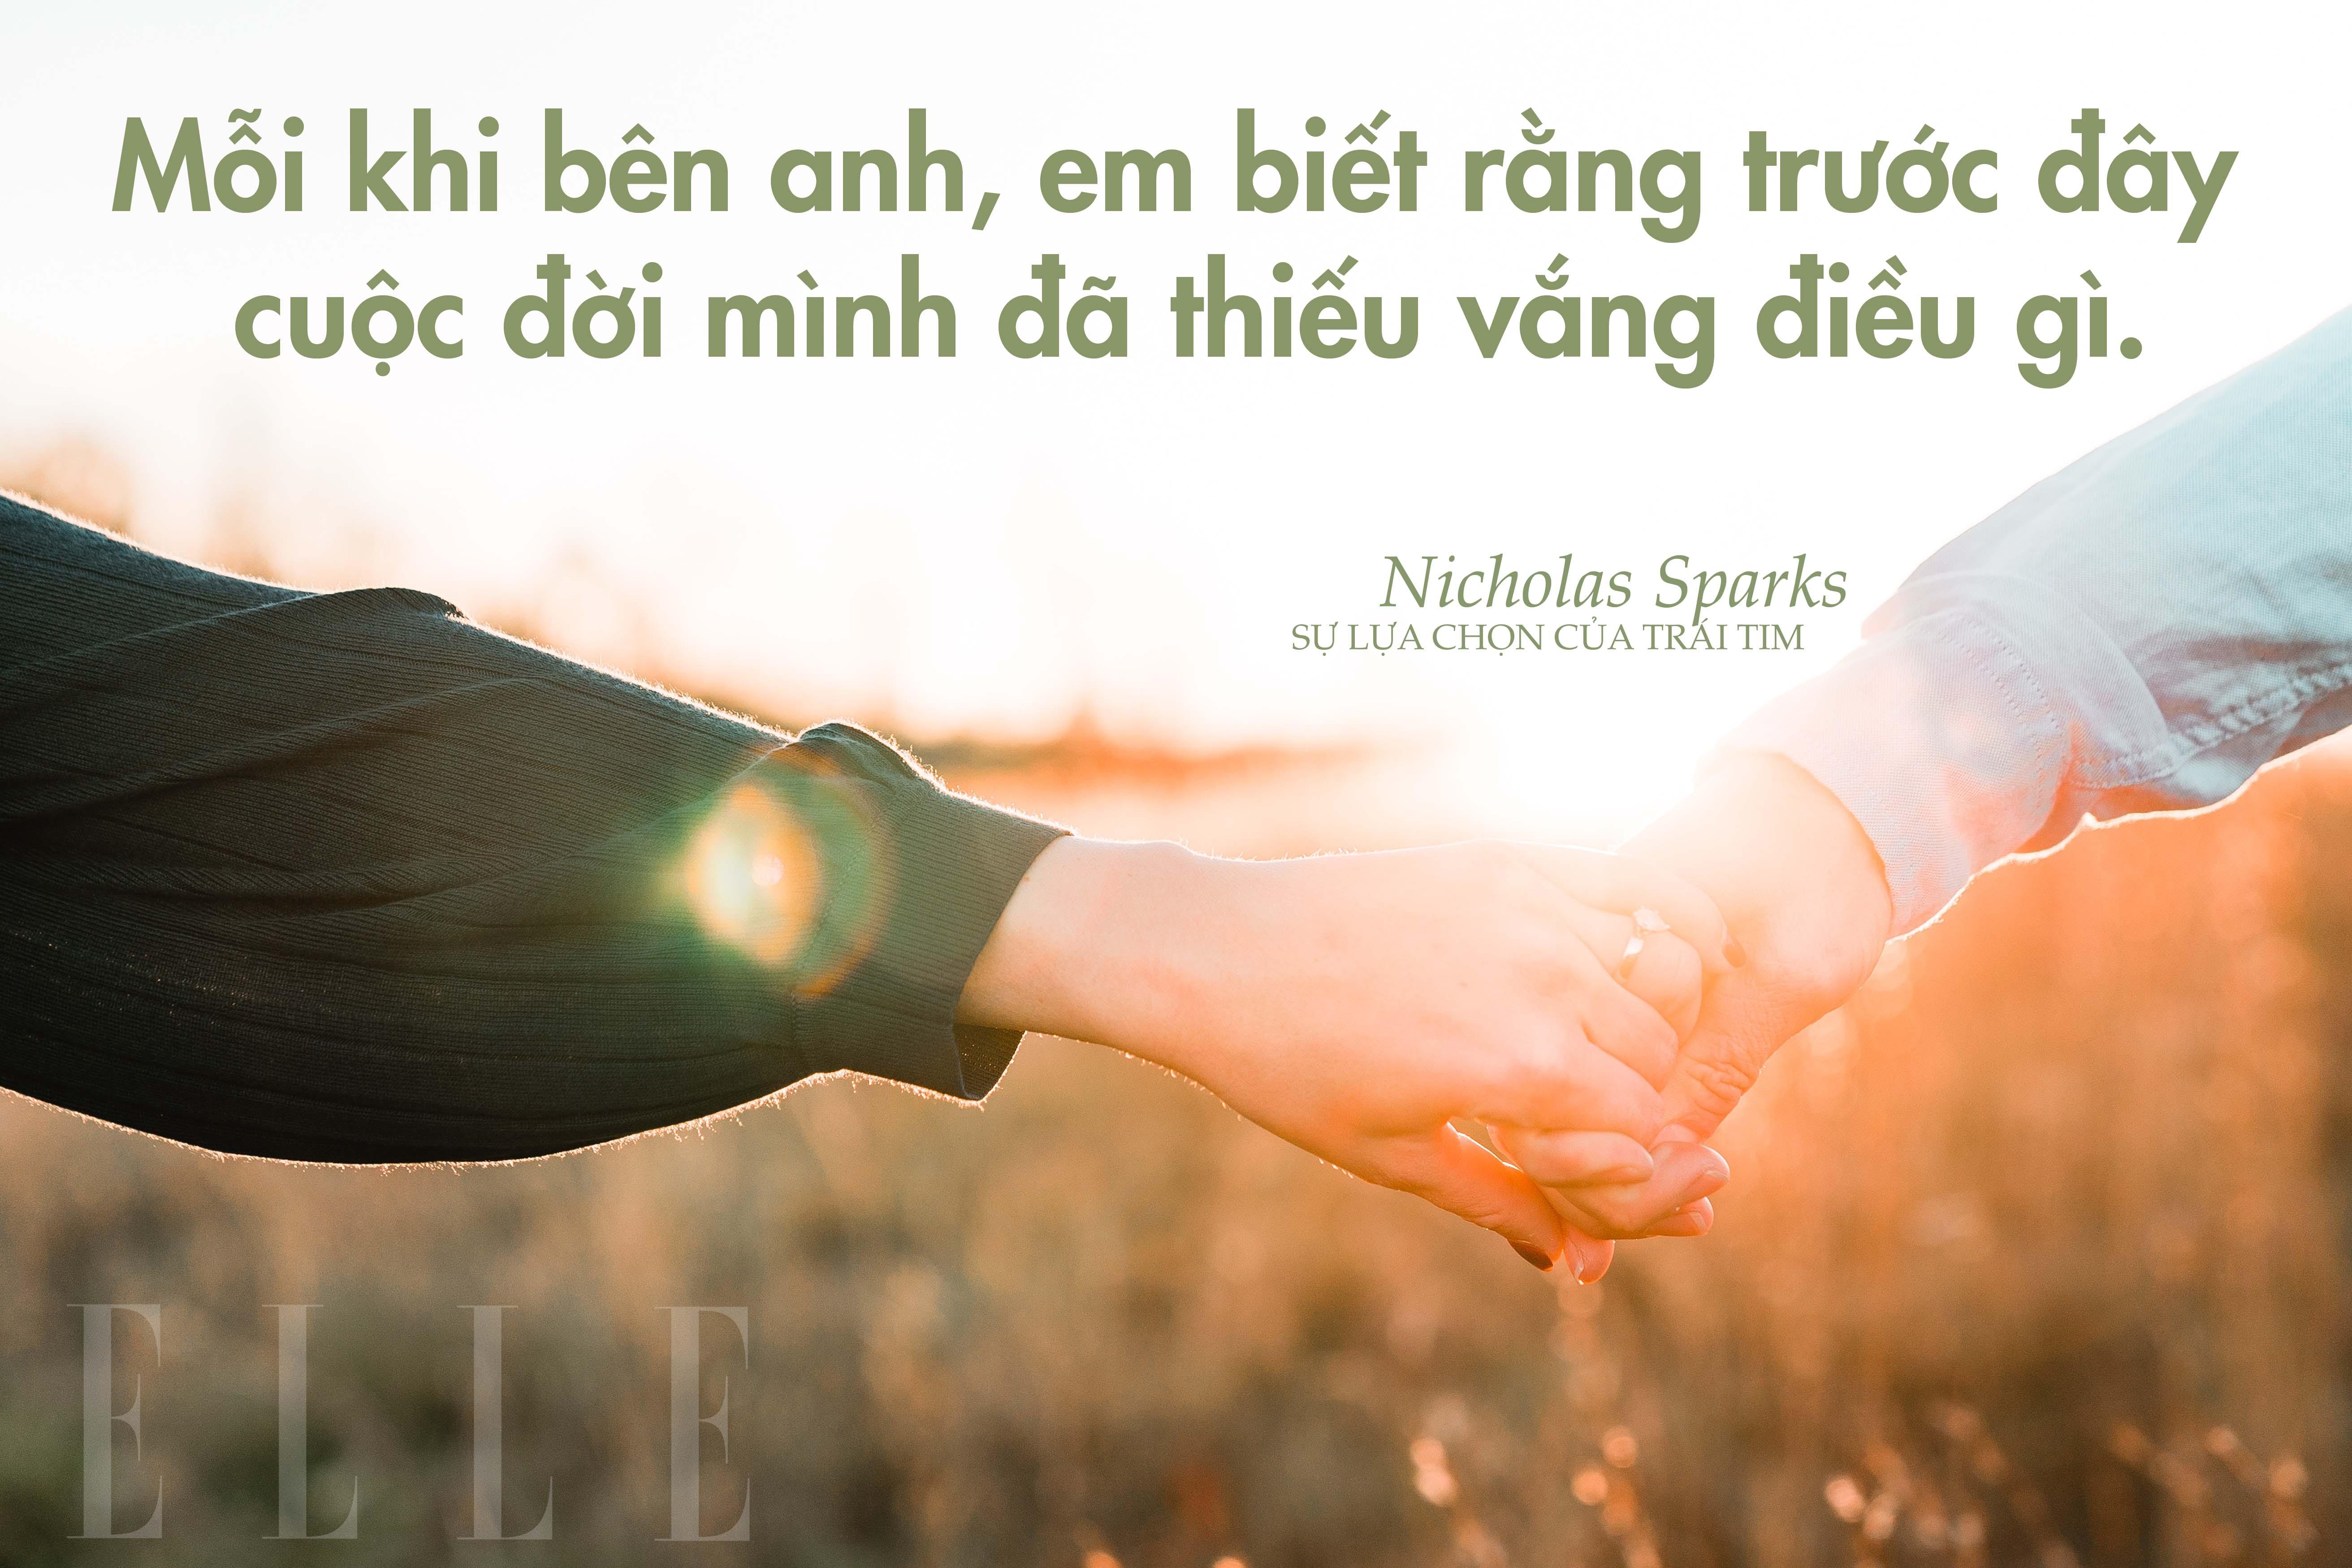 Nicholas Sparks 14